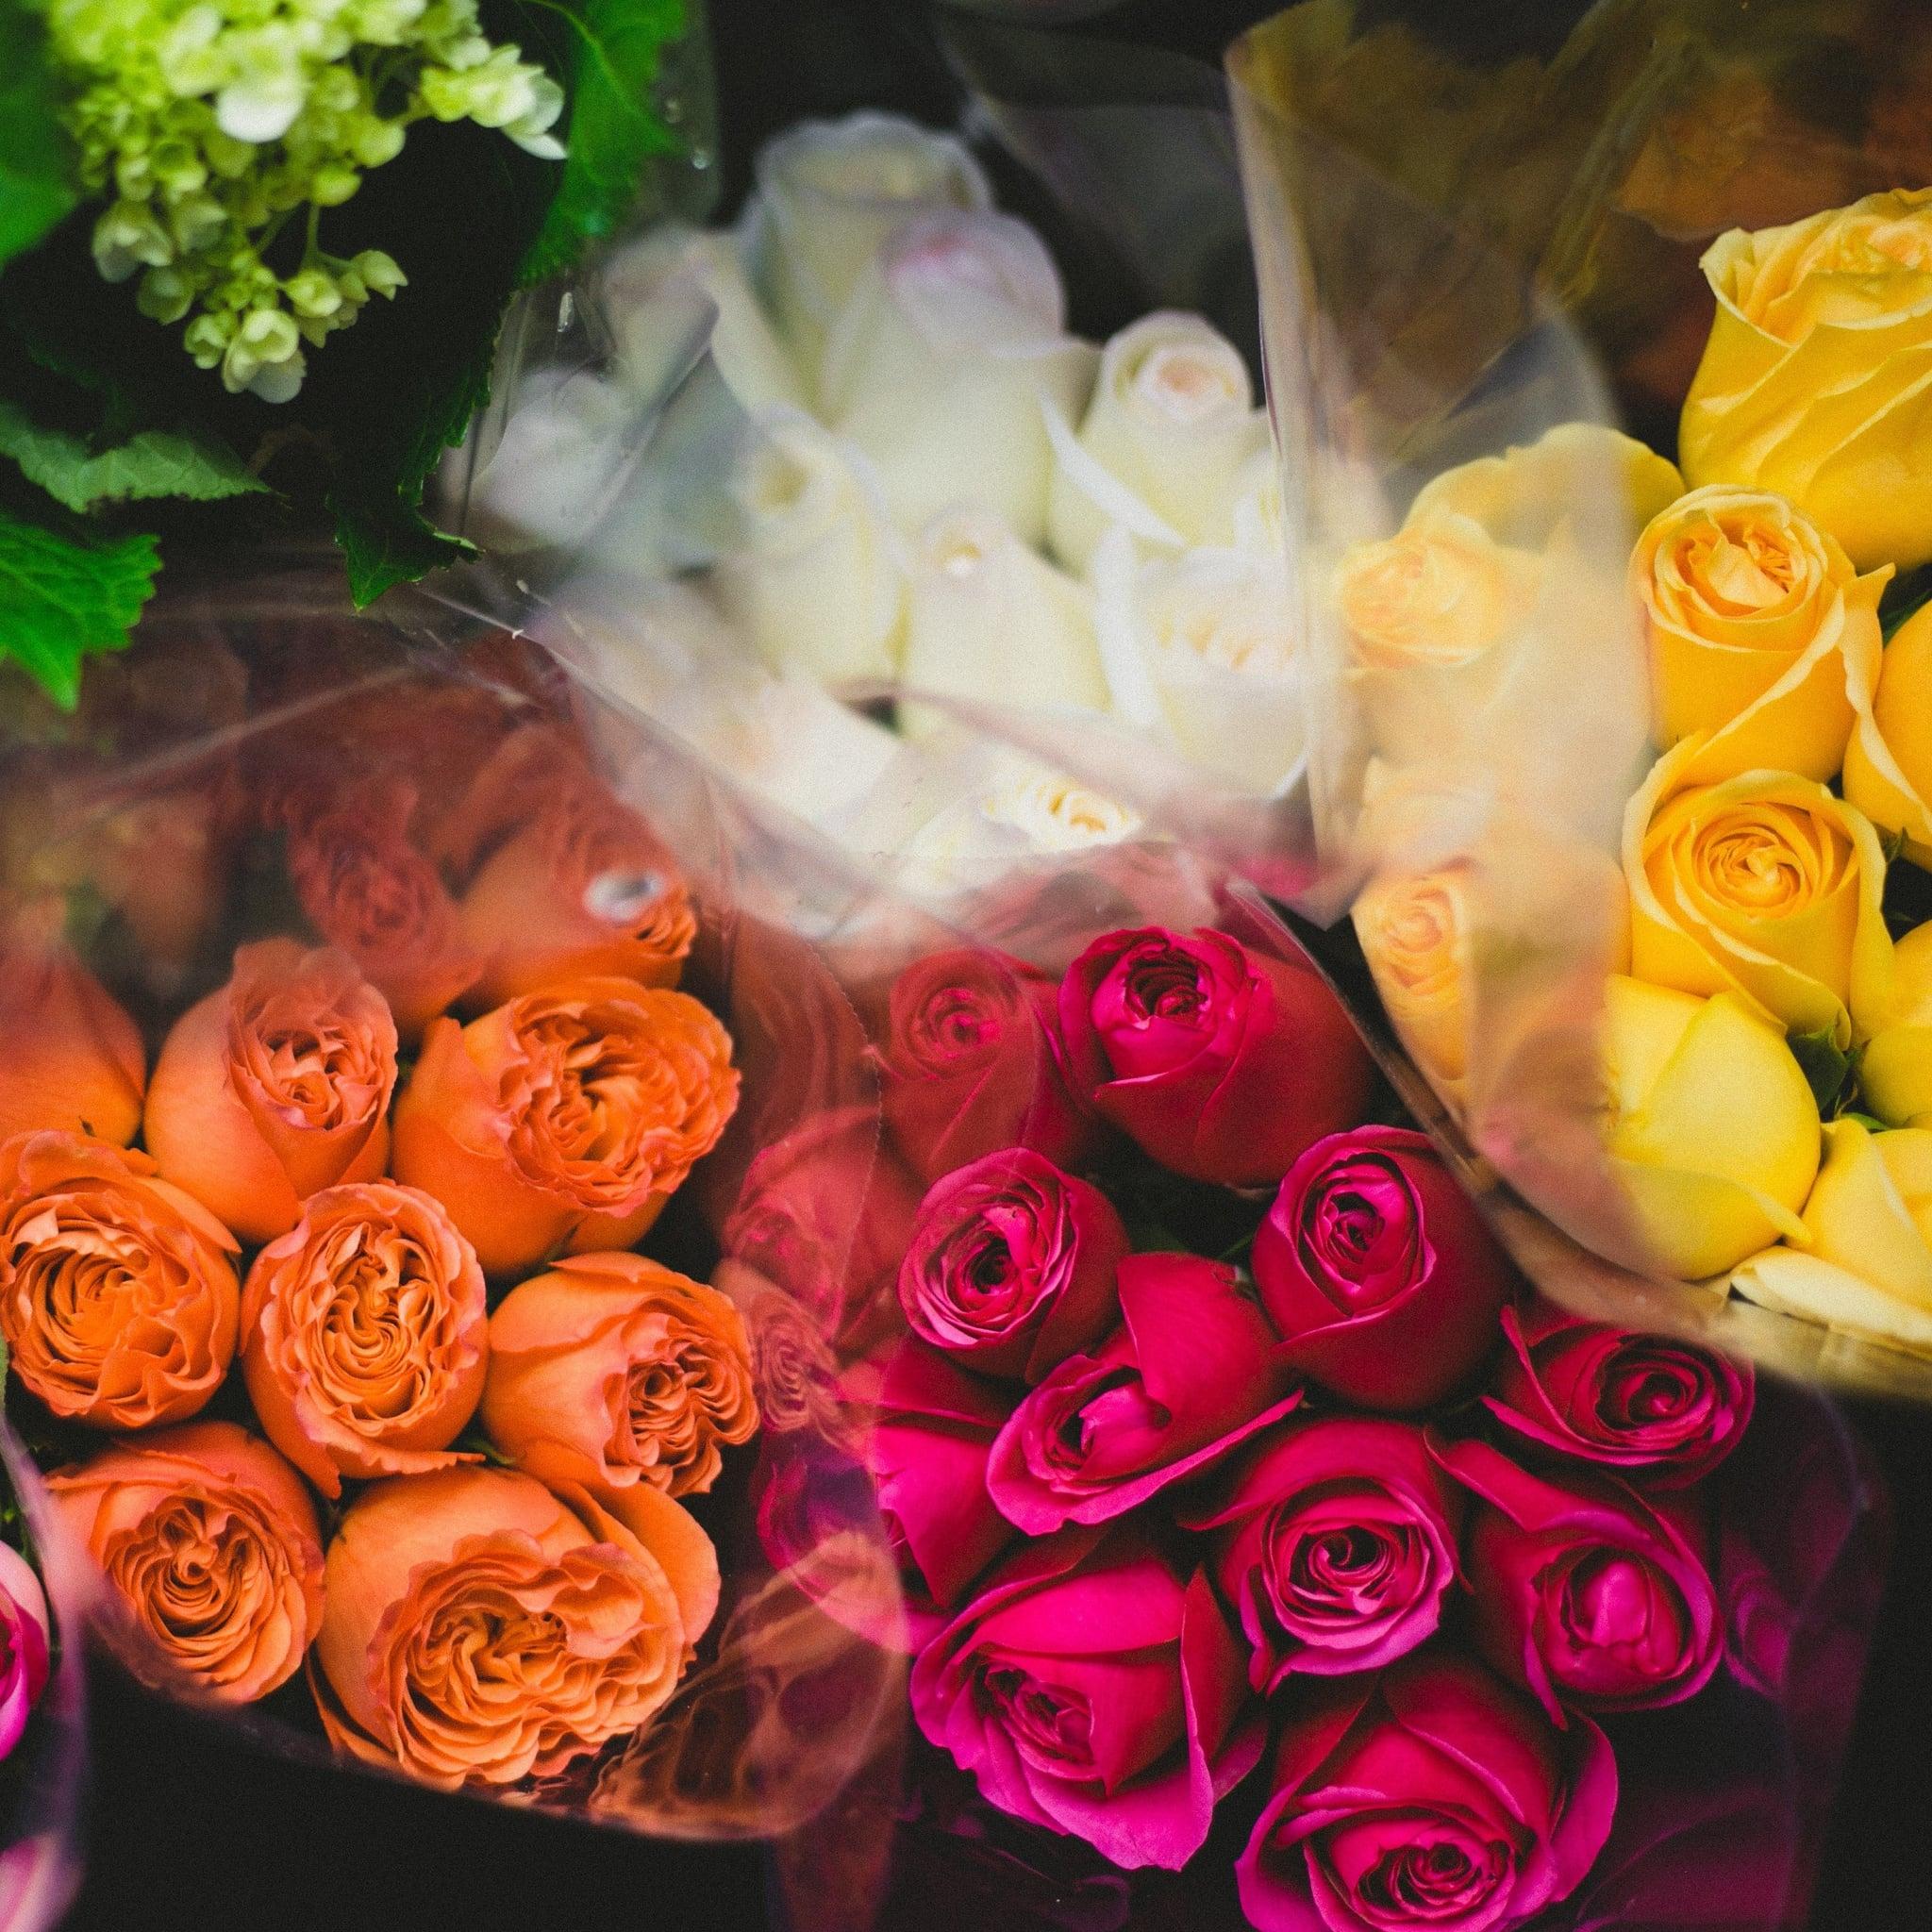 rose color meanings popsugar love sex rose color meanings popsugar love sex